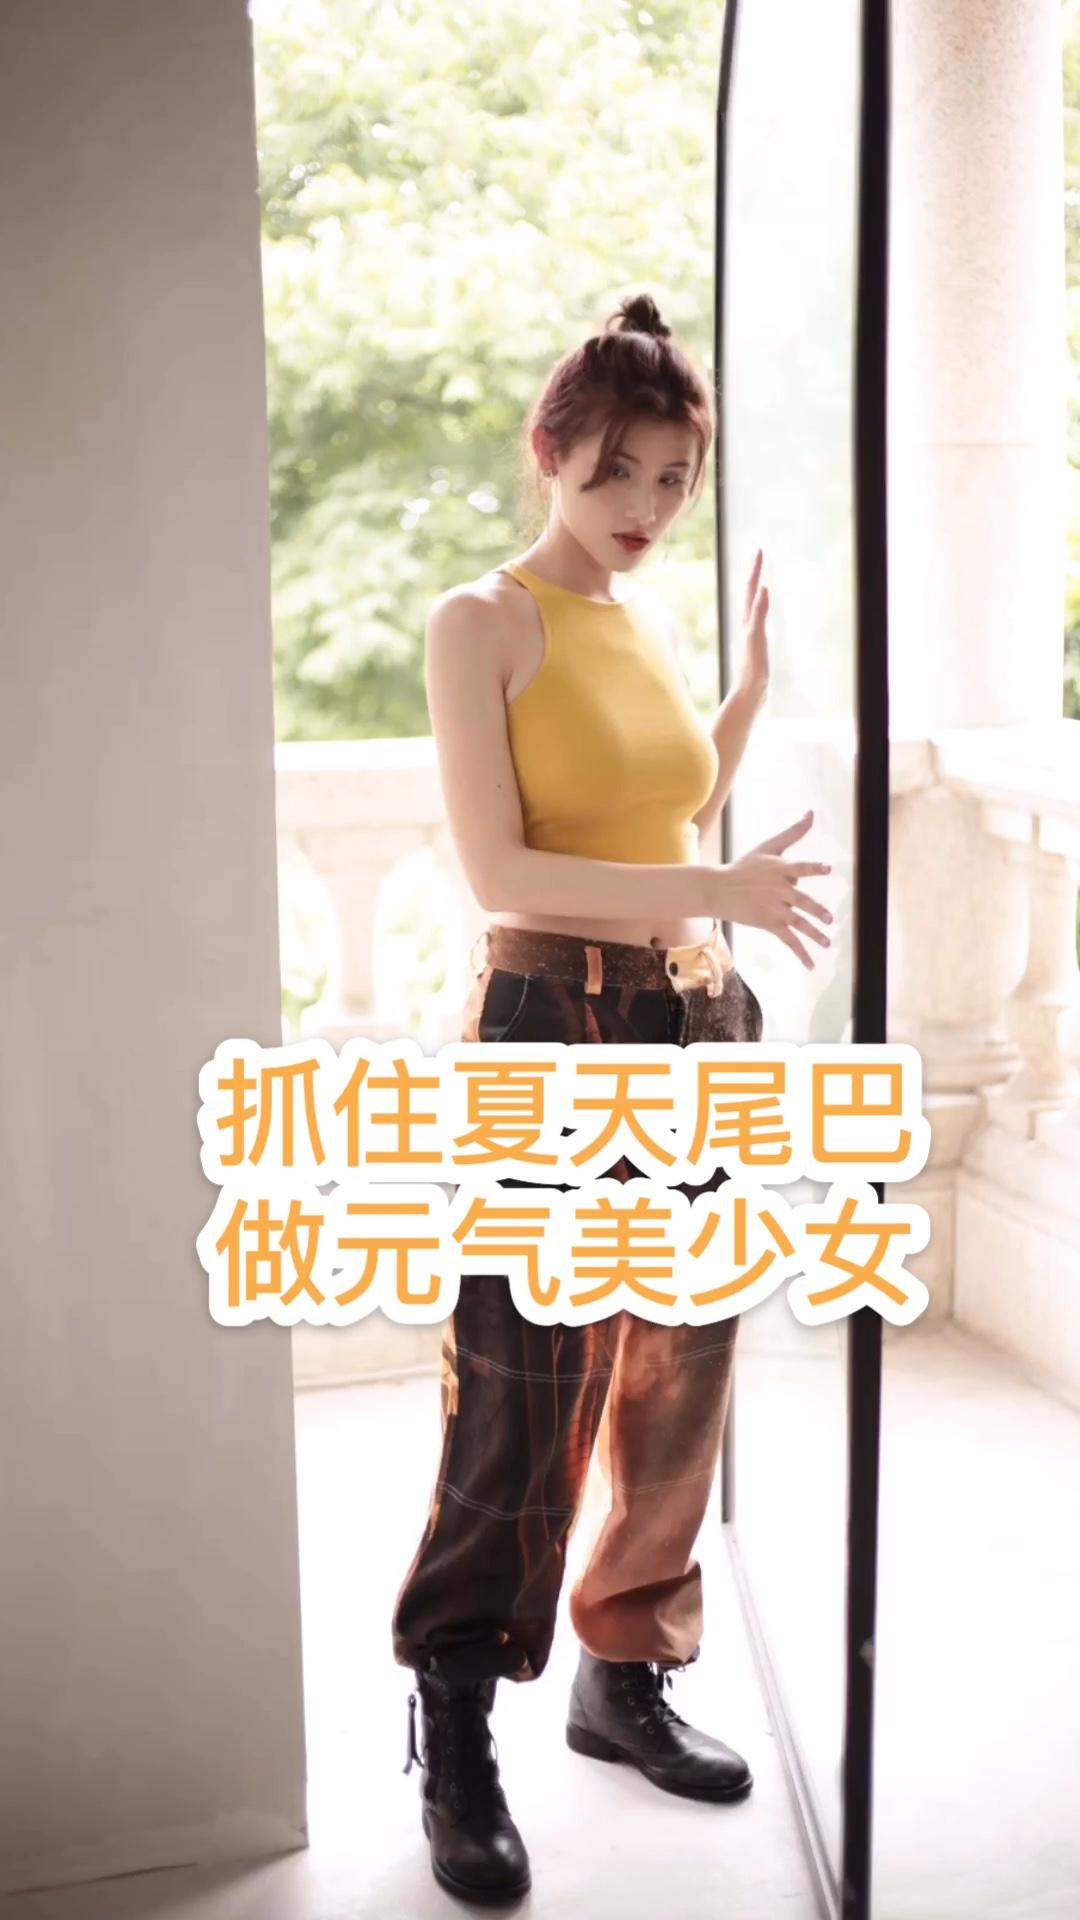 #抓住夏天小尾巴,做元气美少女!#女团穿搭~黄色露脐装短上衣,搭配印花哈伦裤,马丁靴,帅气时髦满分~丸子头增加元气~美少女无疑